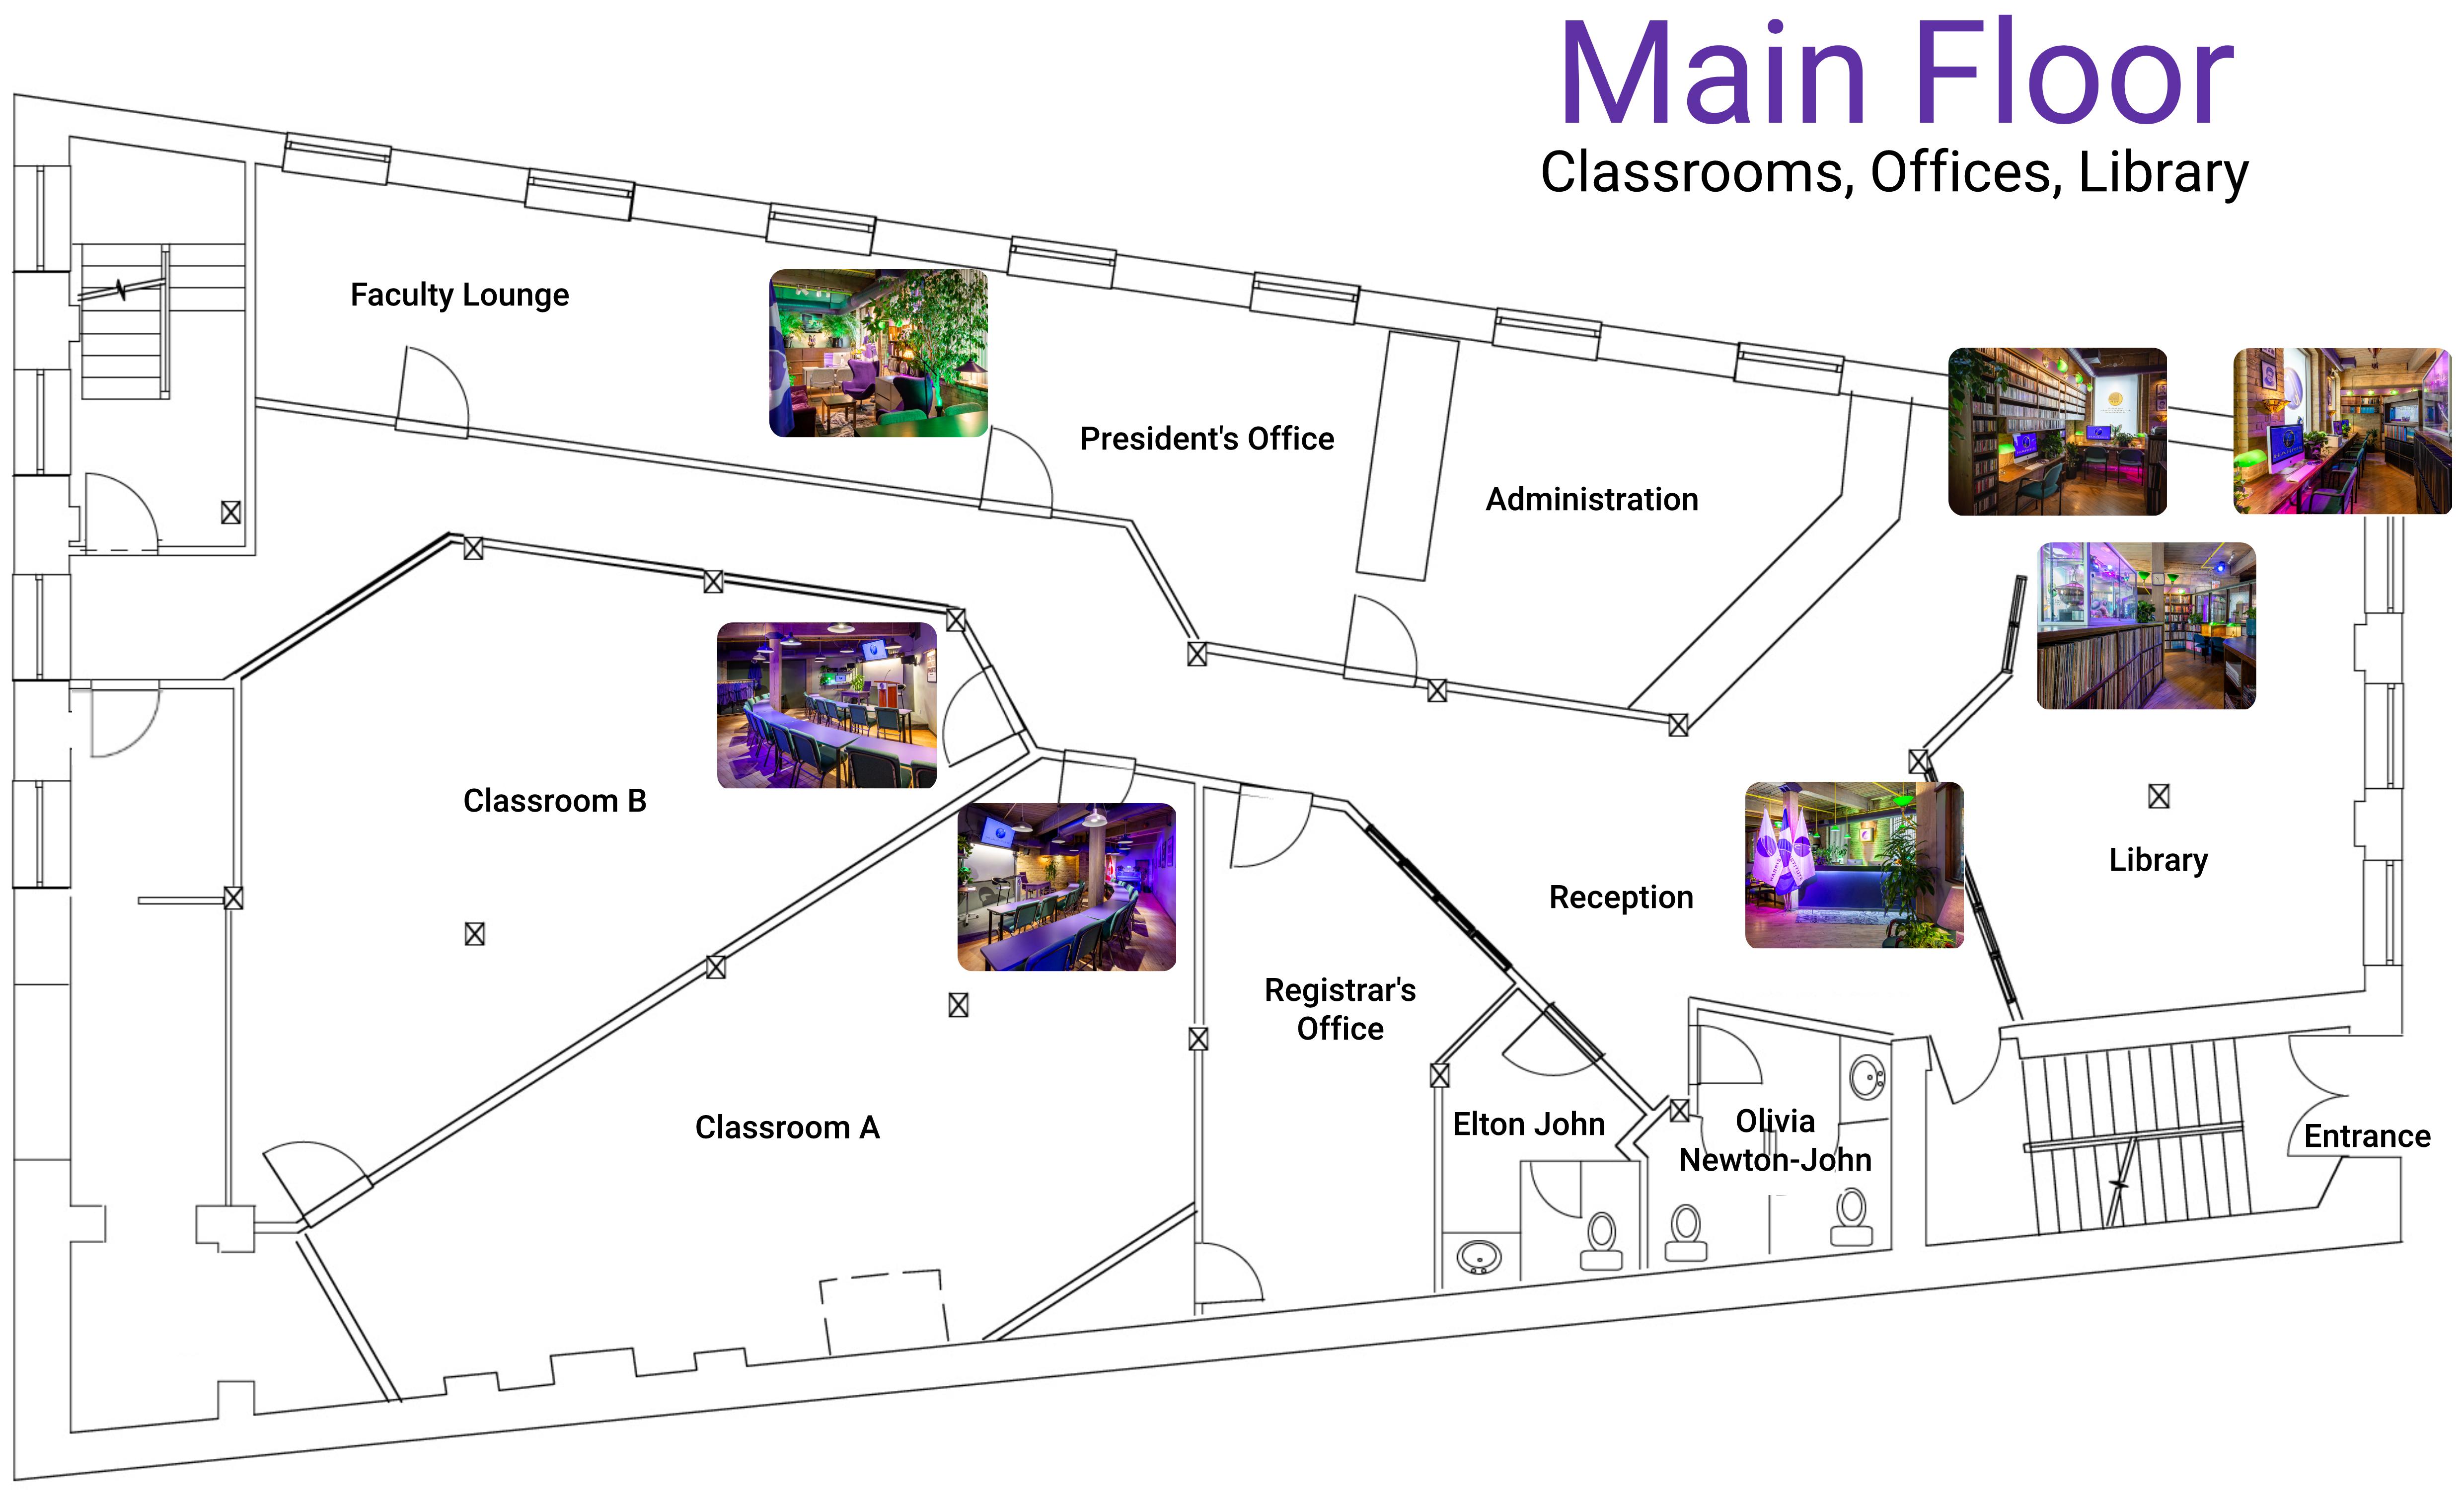 Main Floor Map